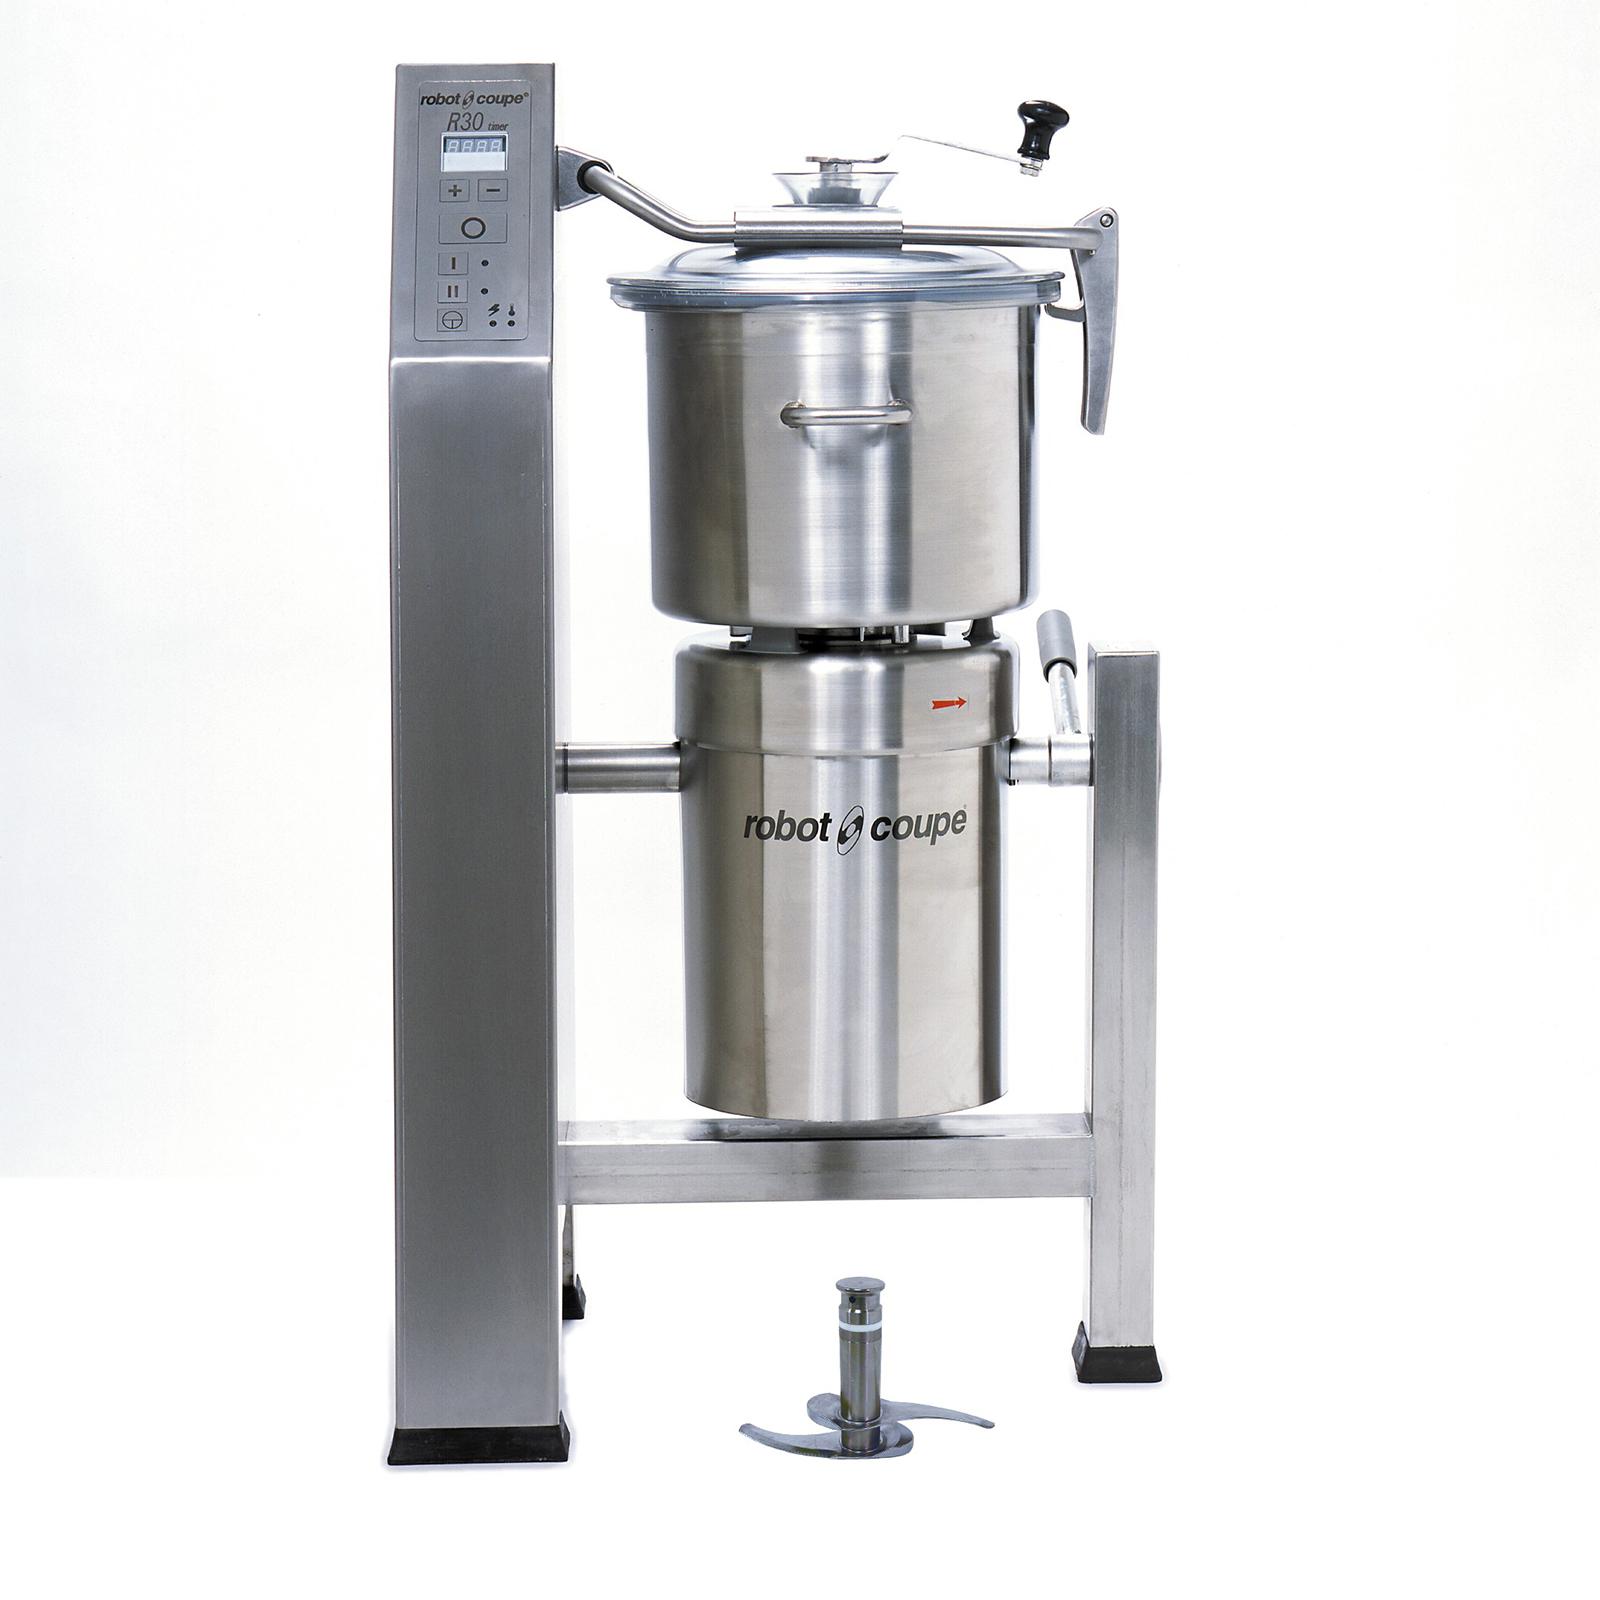 Robot Coupe BLIXER 30 food processor, floor model